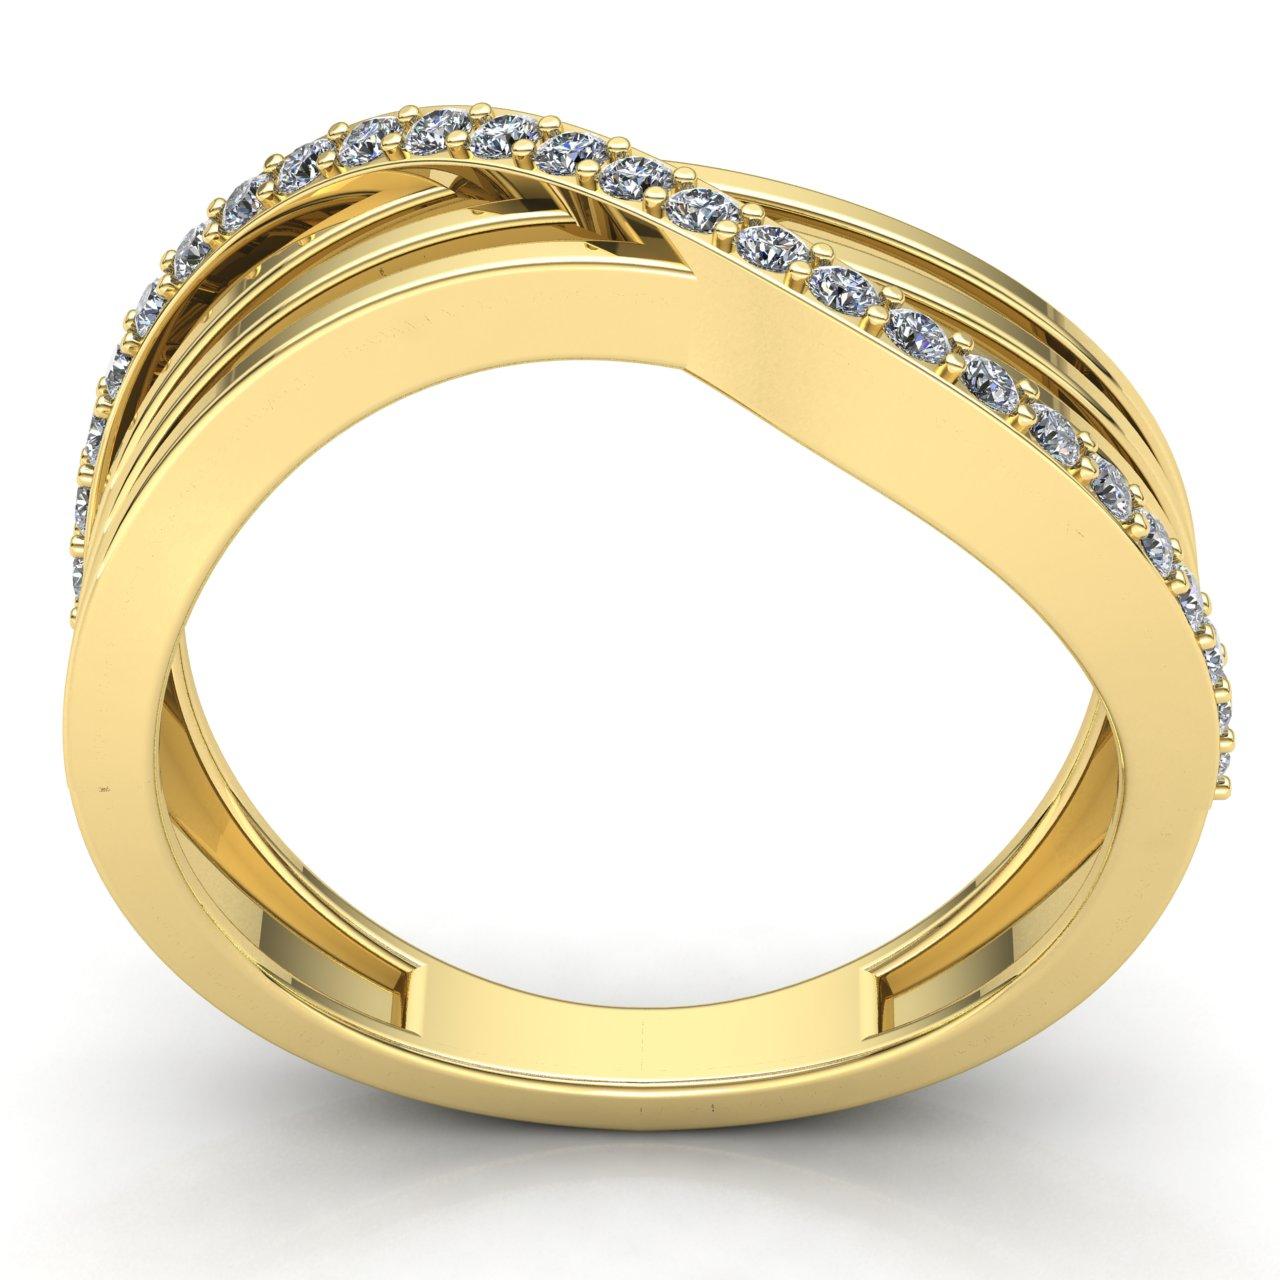 0-75-Ct-Diamante-Talla-Redonda-Mujer-Cruzado-Aniversario-Alianza-18Ct-Oro miniatura 14